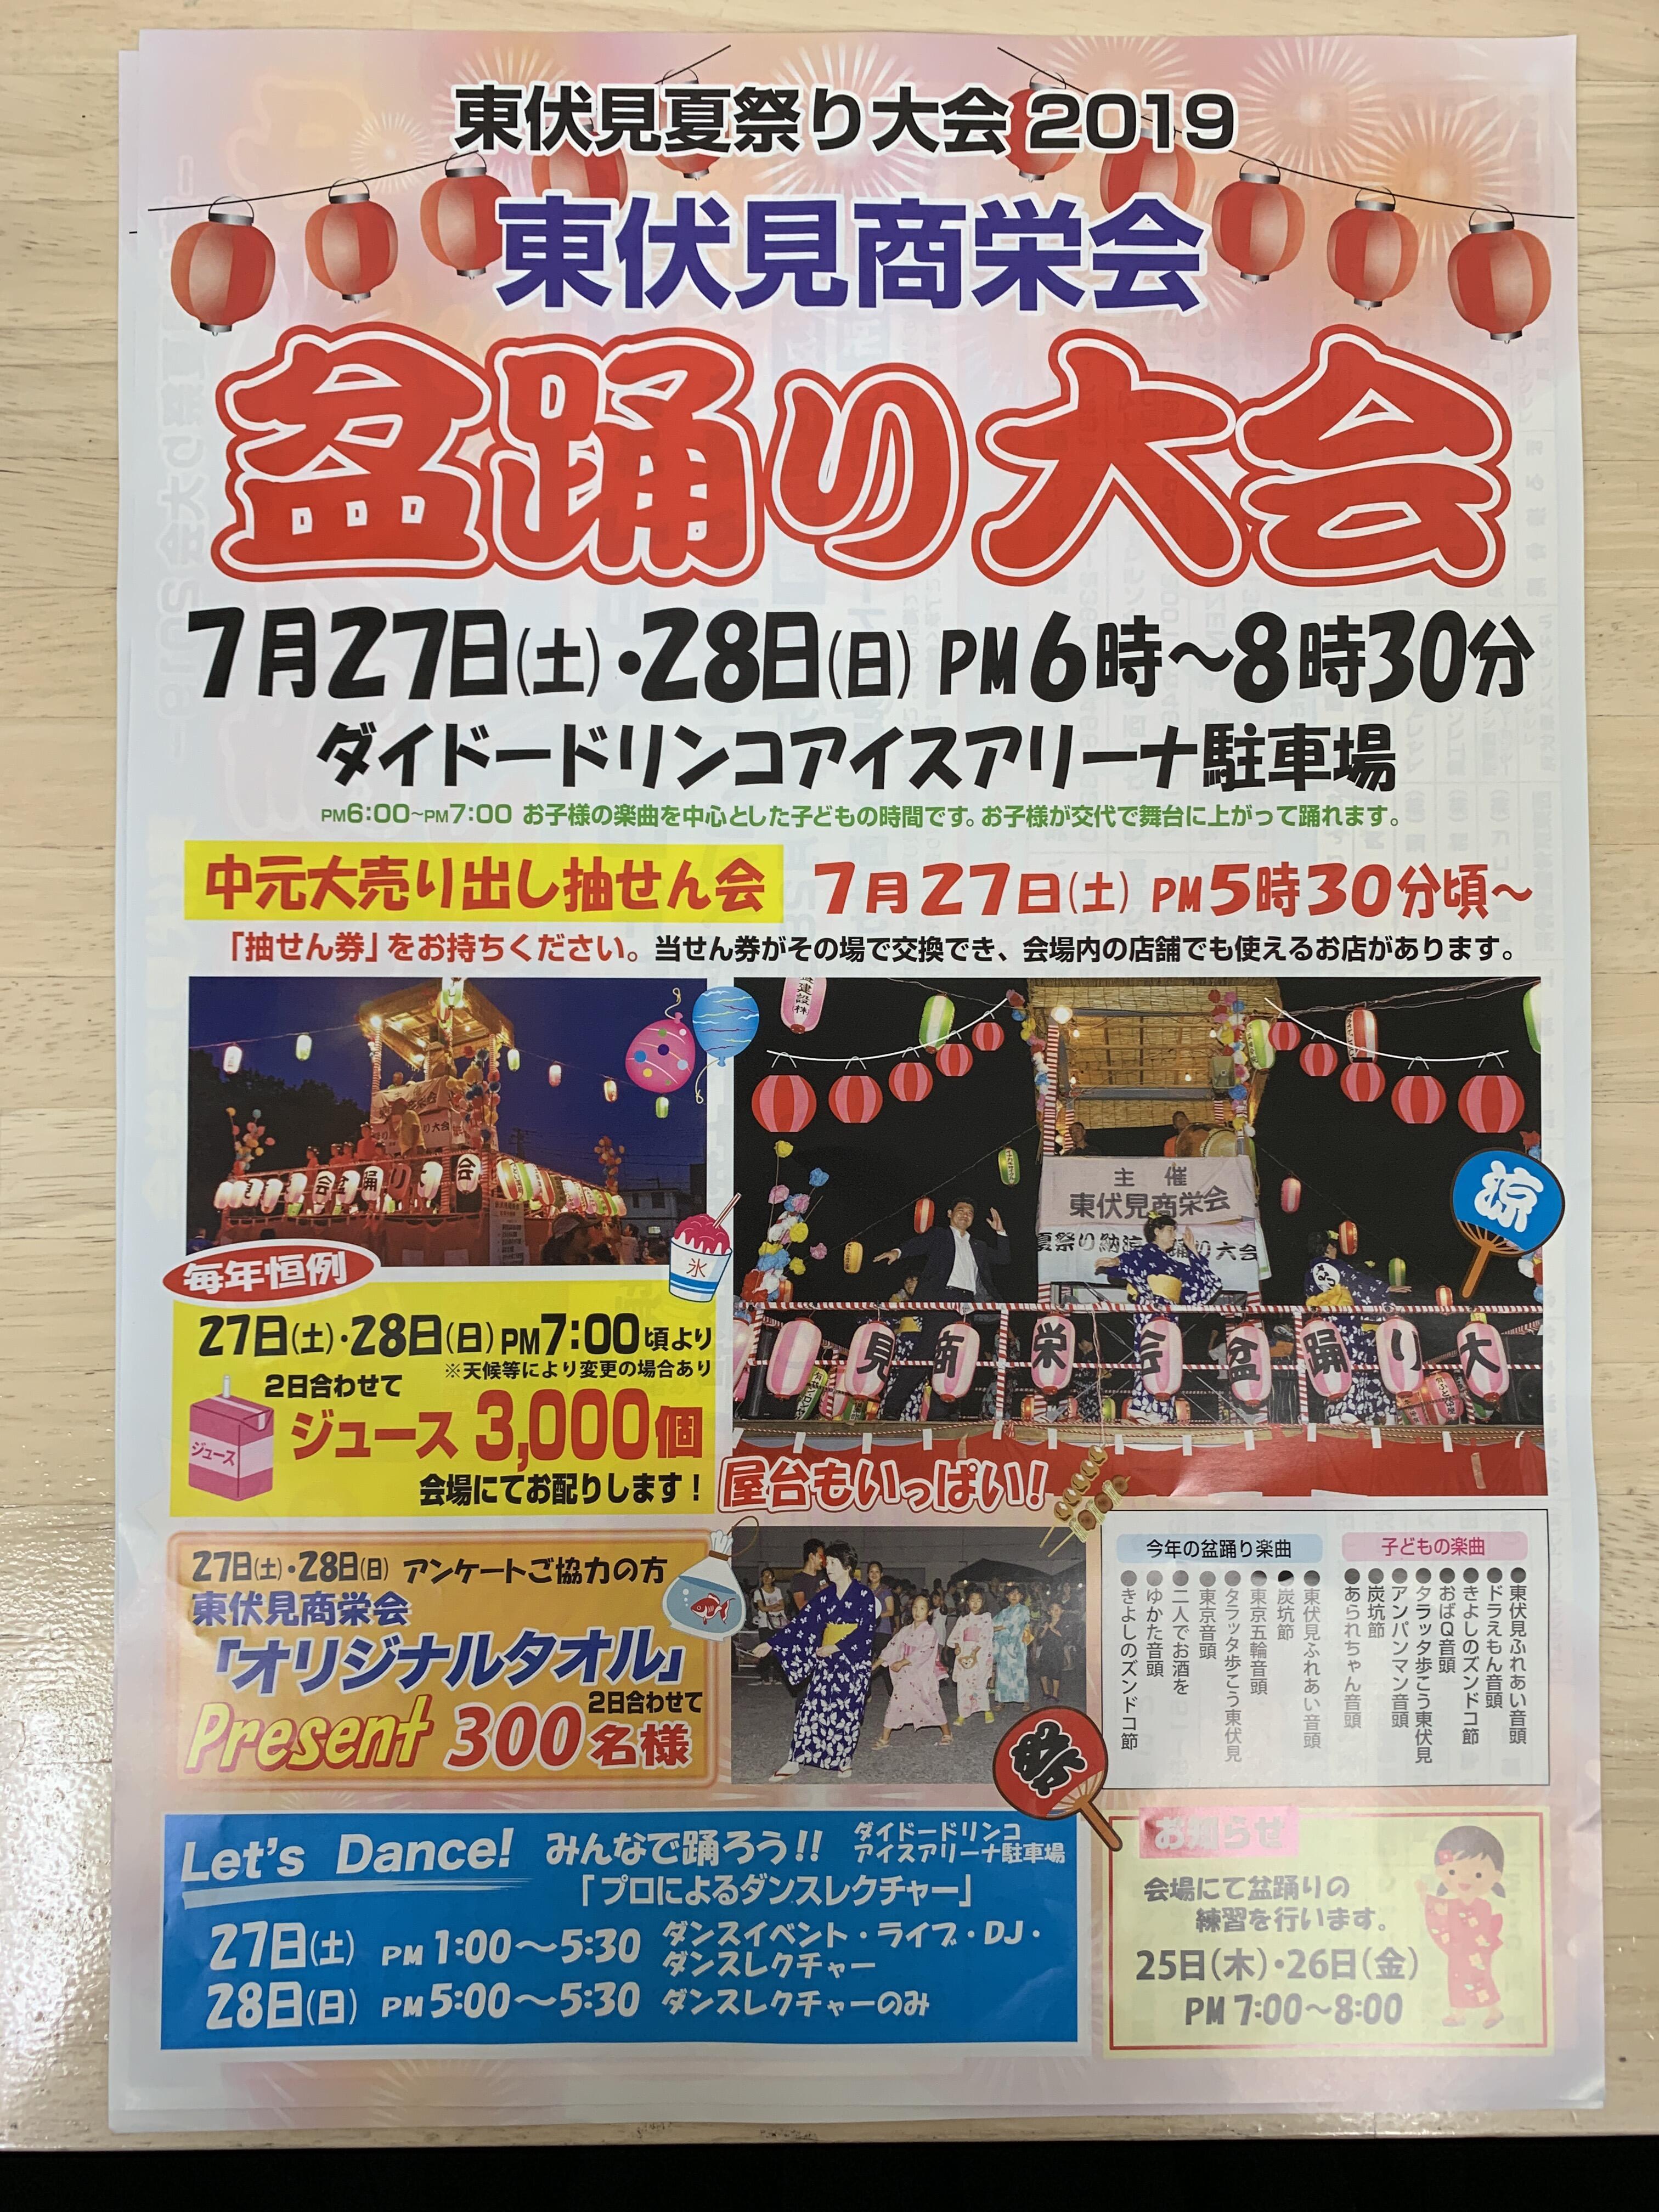 2019年 東伏見商栄会 盆踊り大会